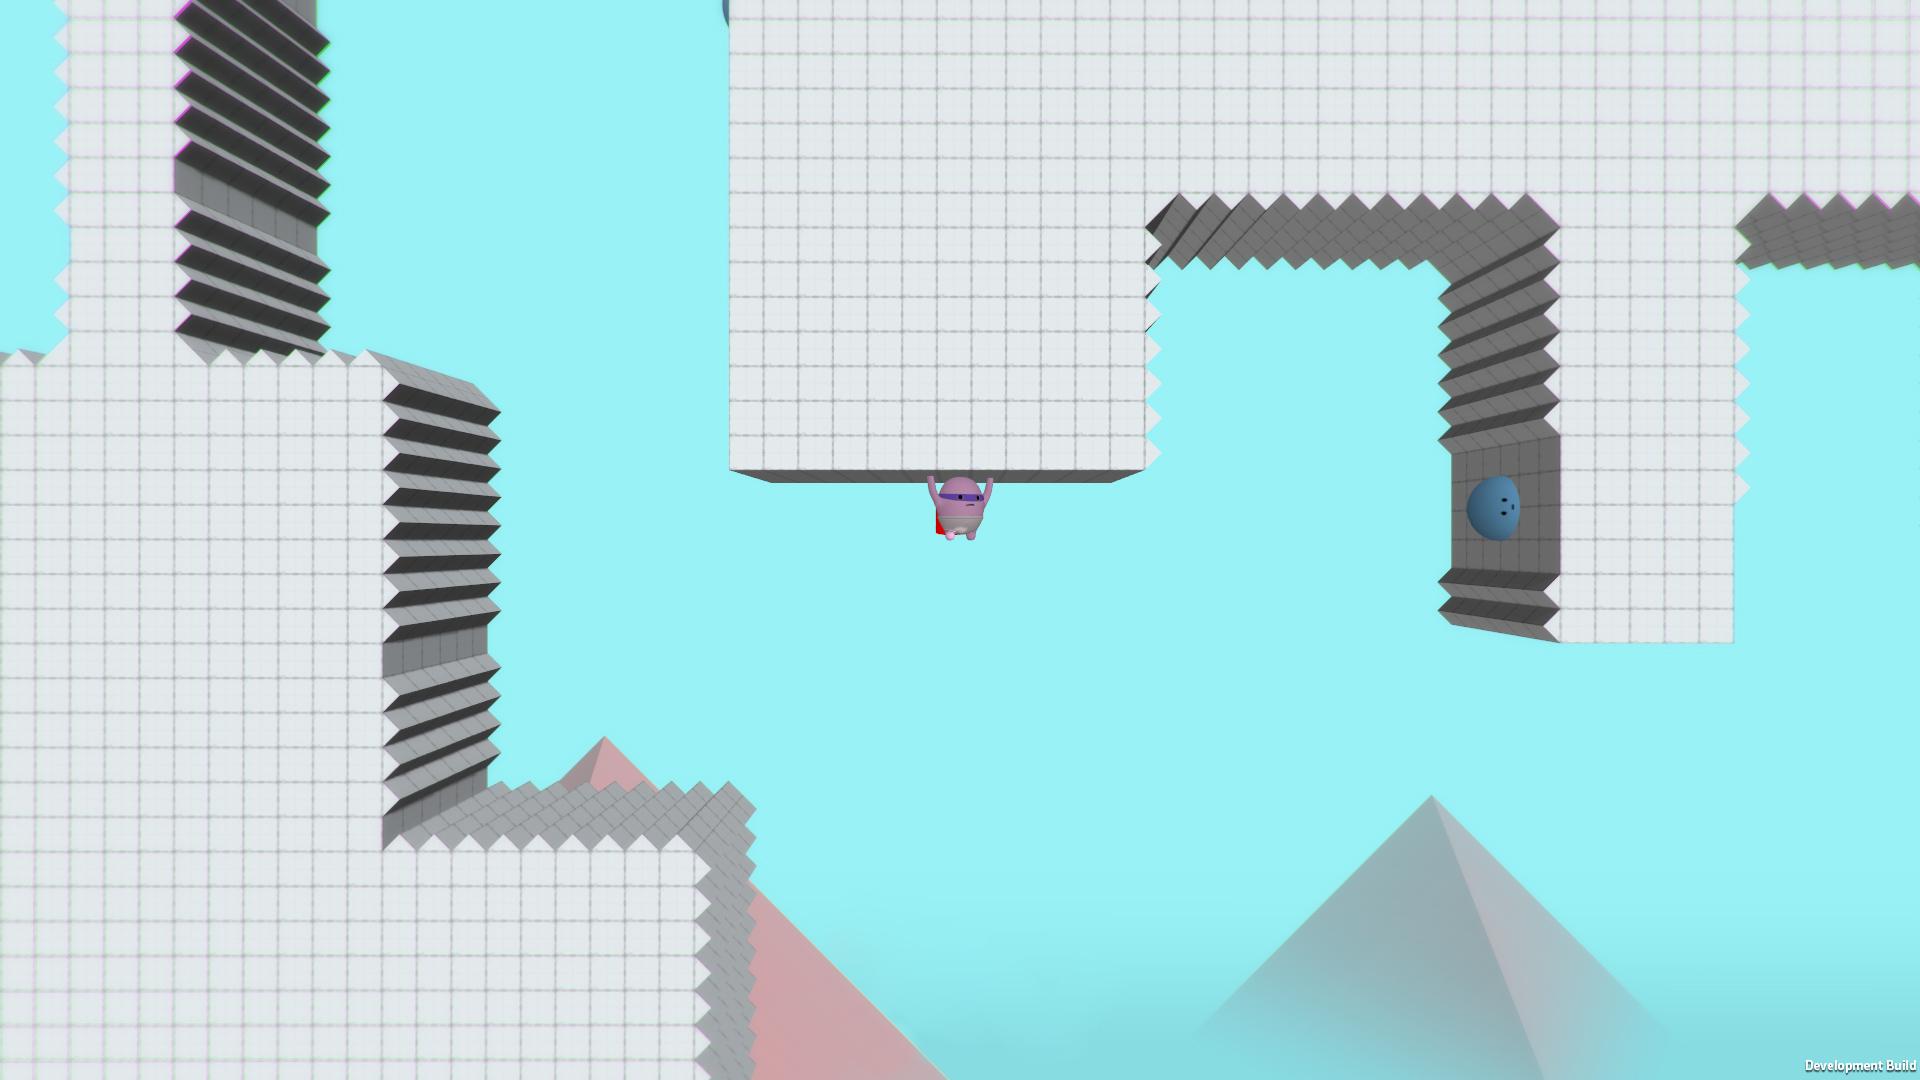 Original Unity 3D scene